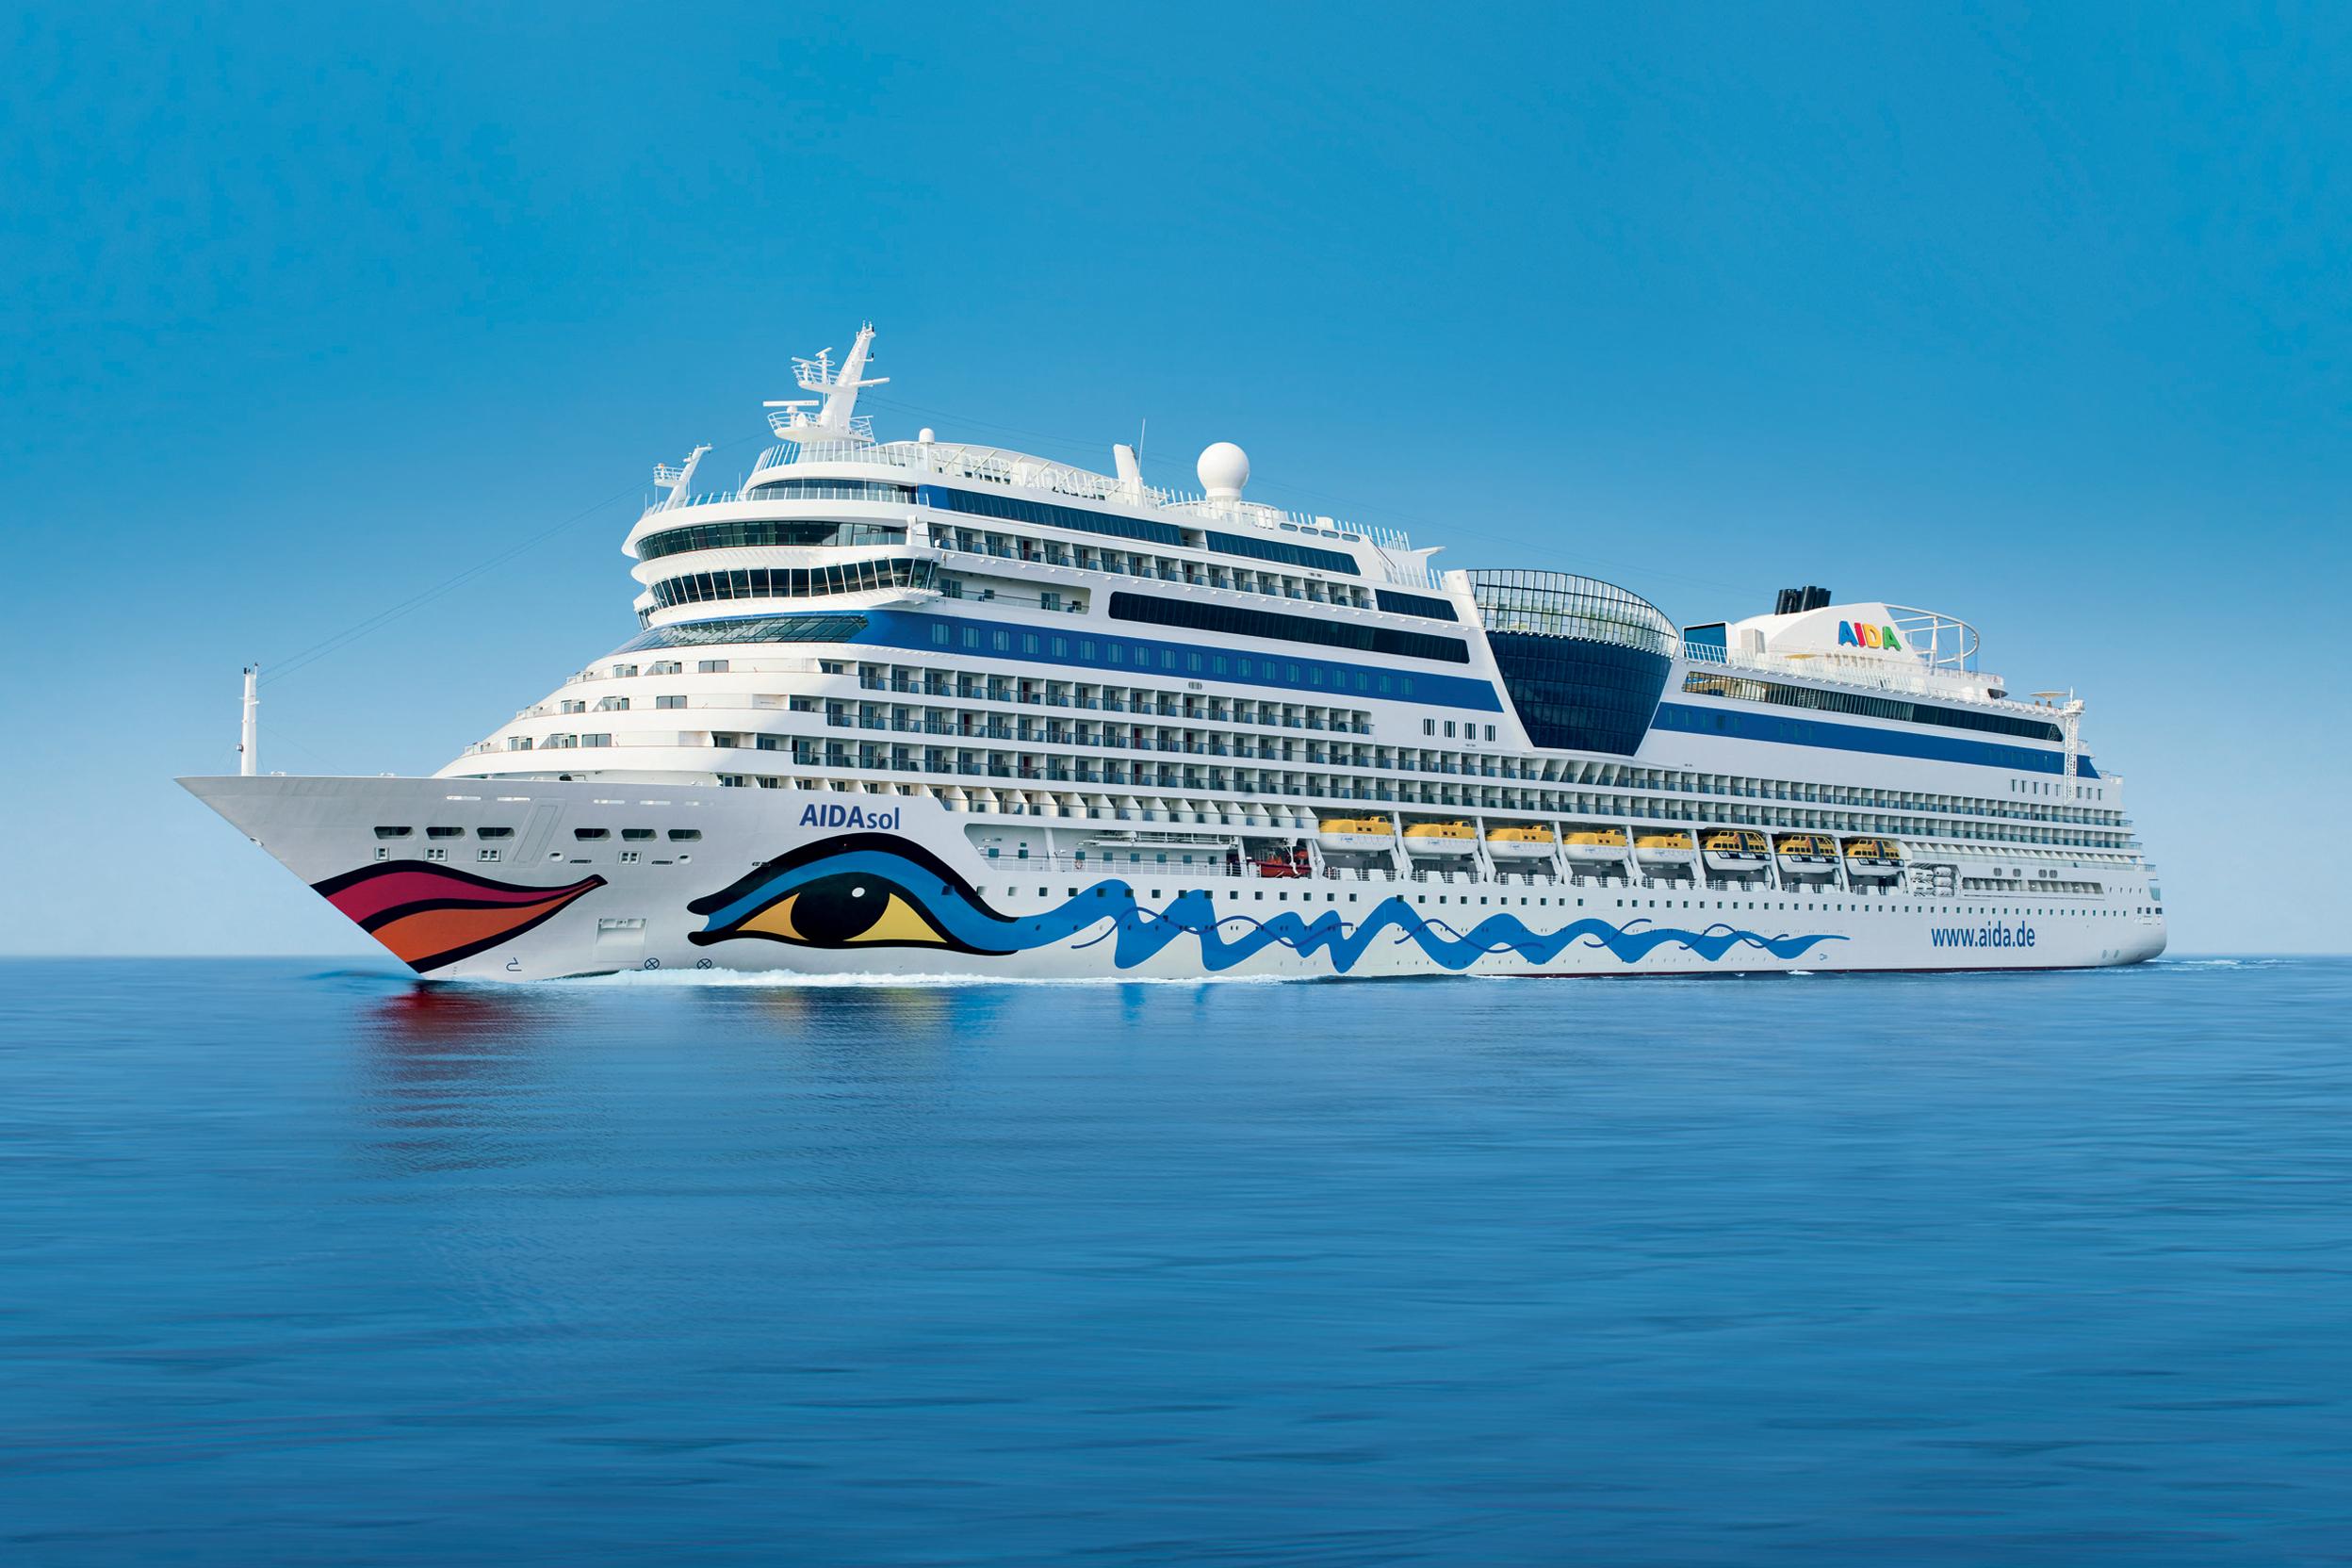 """Das Rostocker Kreuzfahrtunternehmen bleibt auf Wachstumskurs. 2010 war das erfolgreichste Jahr in der Geschichte von AIDA Cruises. Sowohl bei Umsatz als auch bei Passagieren legte das Unternehmen krŠftig zu. Insgesamt reisten 511.400 GŠste auf den sieben AIDA Schiffen. Damit wuchs die Zahl der Passagiere um 97.400 im Vergleich zum Vorjahr. Auch der Umsatz stieg auf 882,7 Millionen Euro. Im GeschŠftsjahr 2009 lag er bei 722,1 Millionen. Im Bild: AIDAsol wird am 9. April 2011 in Kiel getauft. Die Verwendung dieses Bildes ist fŸr redaktionelle Zwecke honorarfrei. Veršffentlichung bitte unter Quellenangabe: """"obs/AIDA Cruises"""""""